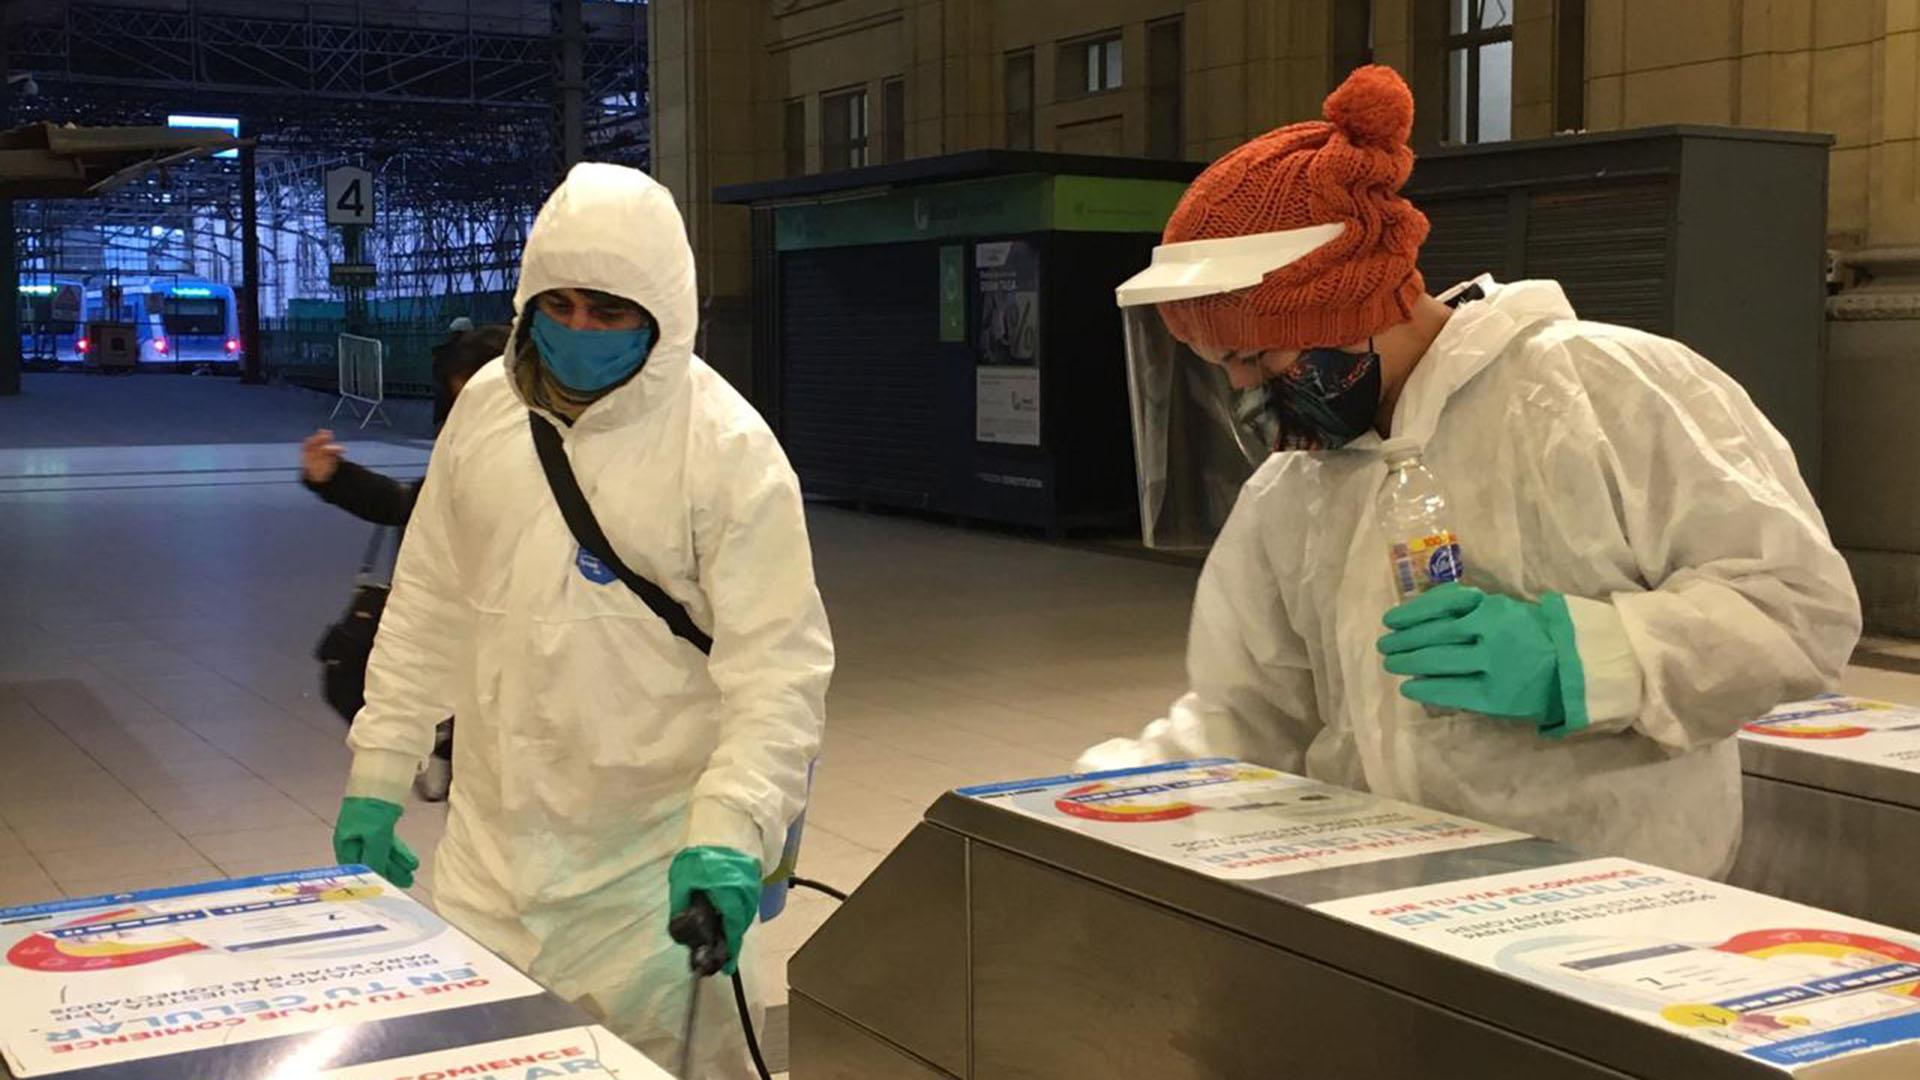 En las estaciones de trenes también hay más controles y tareas permanentes de limpieza